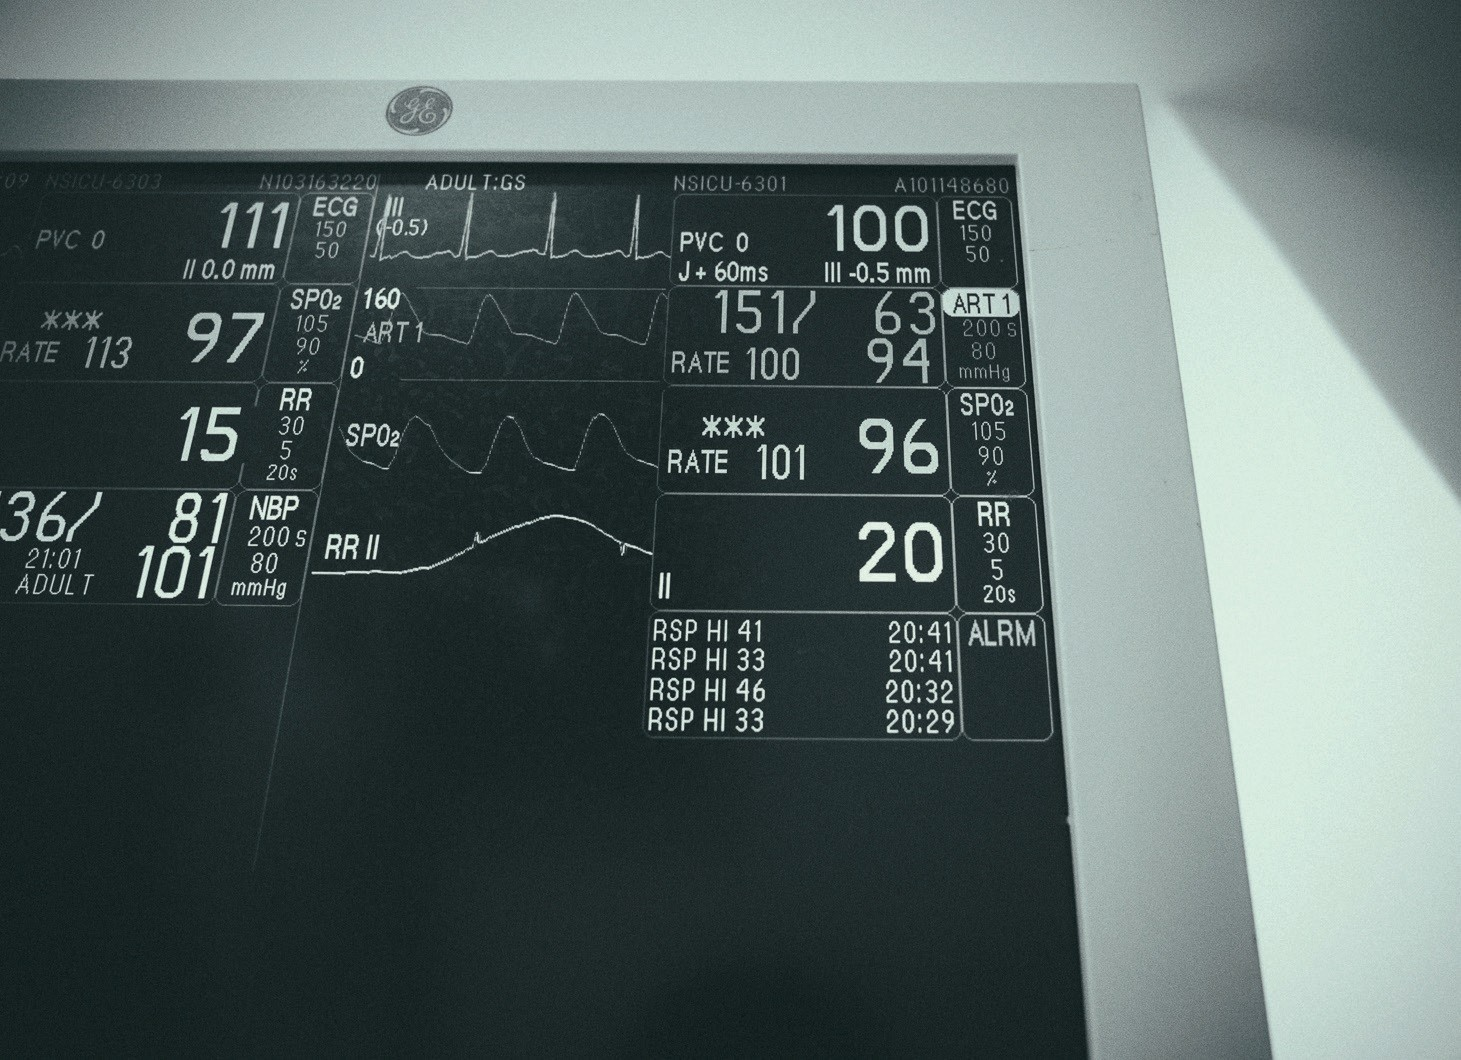 (圖/《Free To Fly:生命、勇氣、愛,加護病房護理師眼中的醫療群像與生死覺察》配圖,業者時報文化提供)